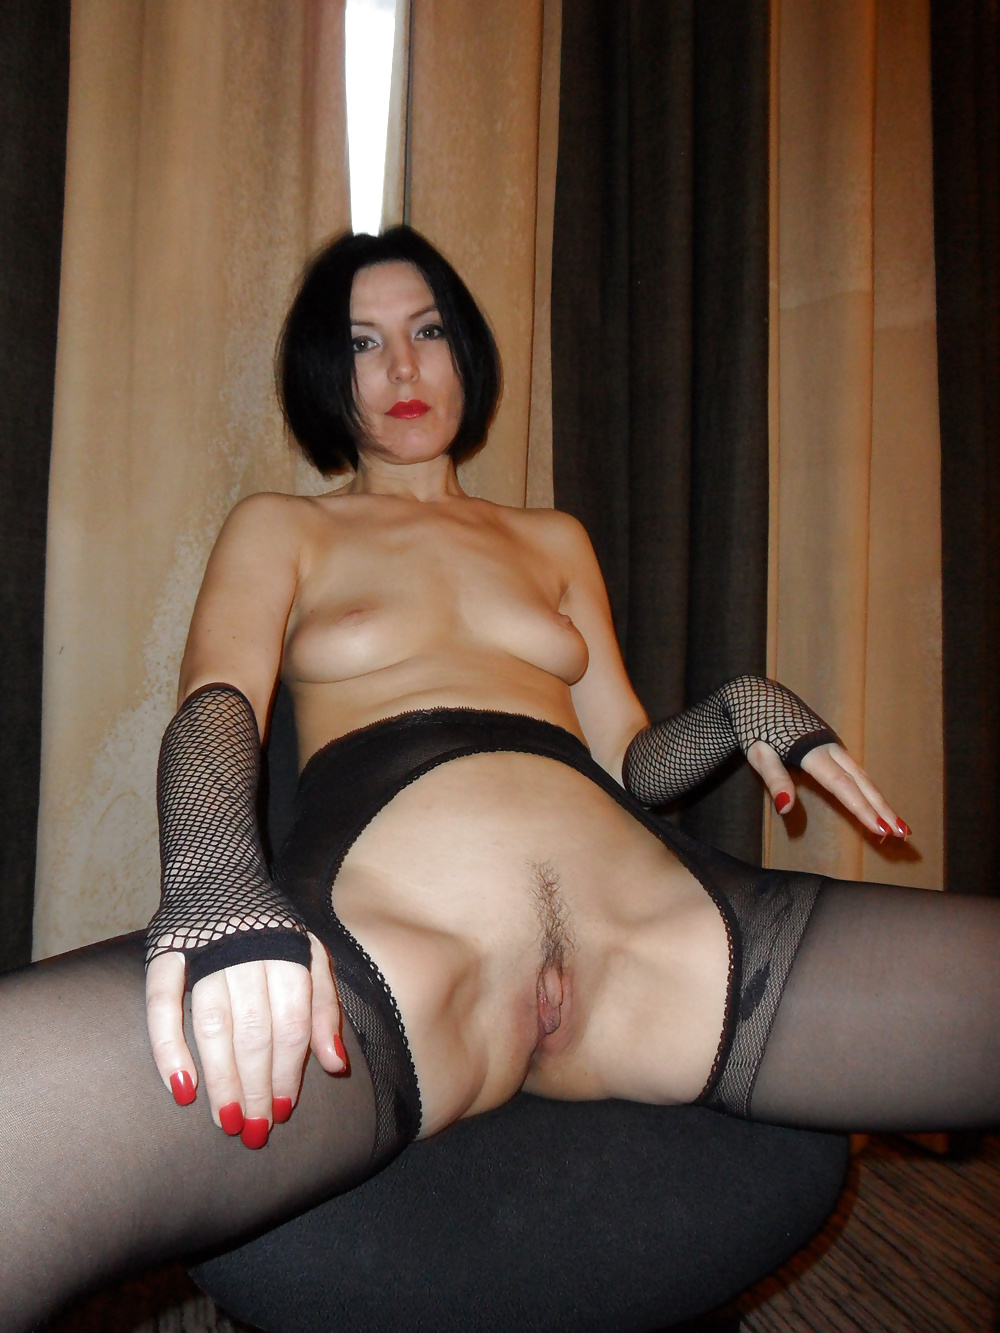 зрелые женщины стройные сучки раздвигают ножки порно фото